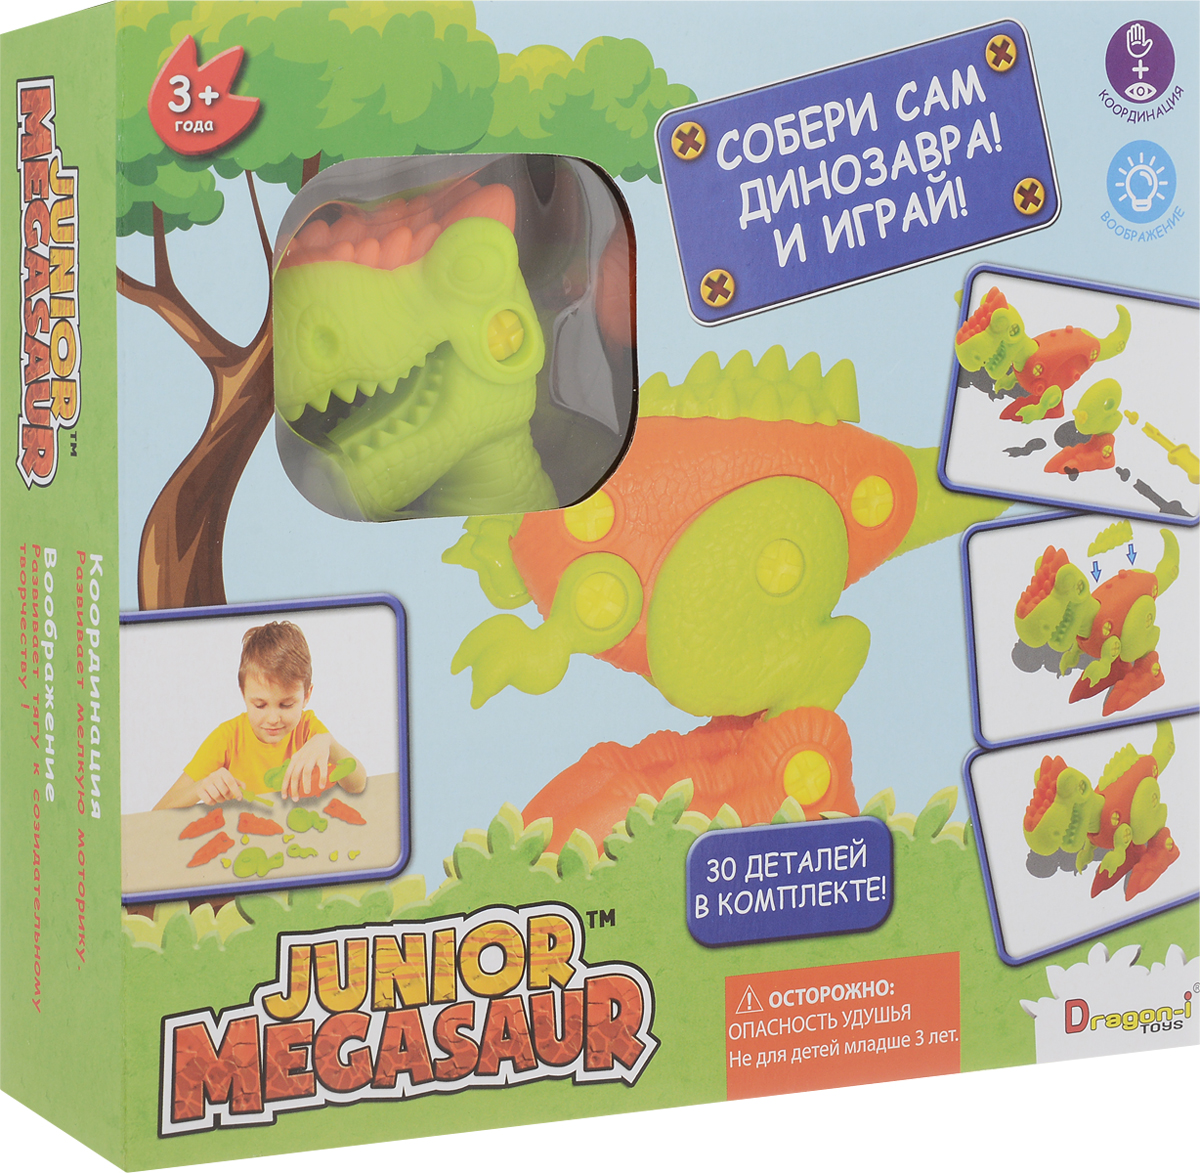 Junior Megasaur Конструктор Собери динозавра тер минасова записки динозавра купить